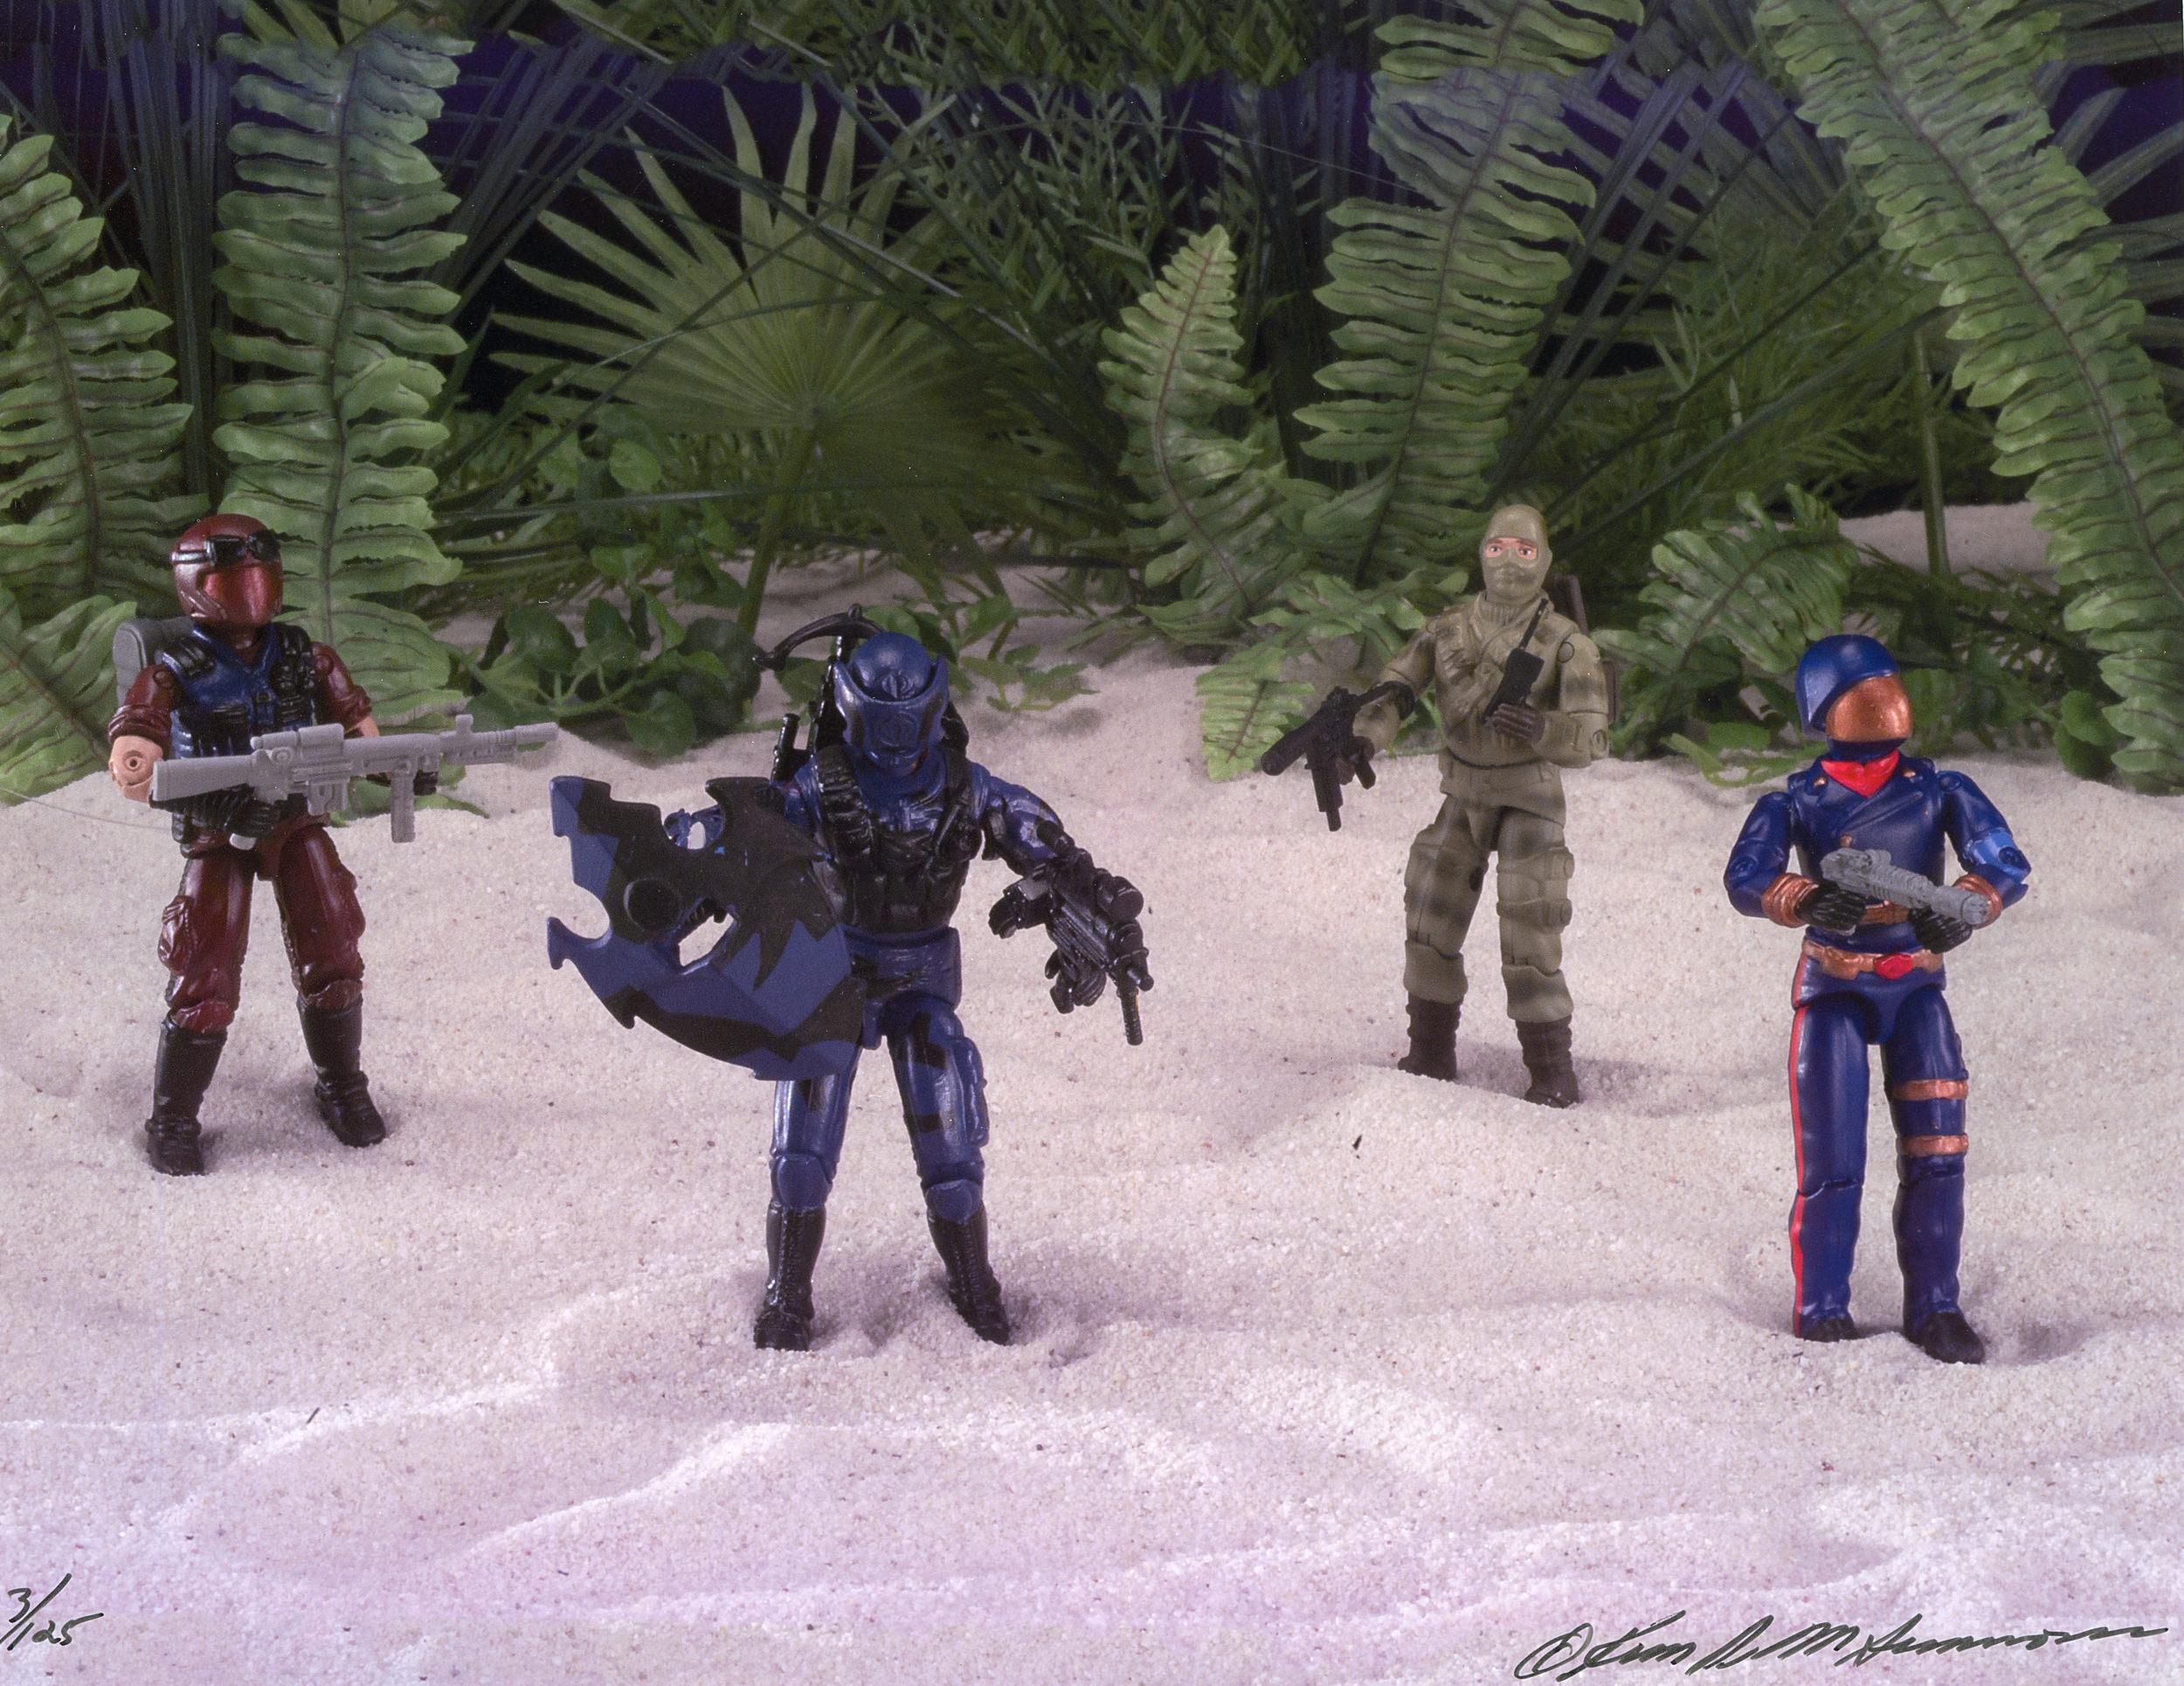 1997-gijoe-figures-2.jpg